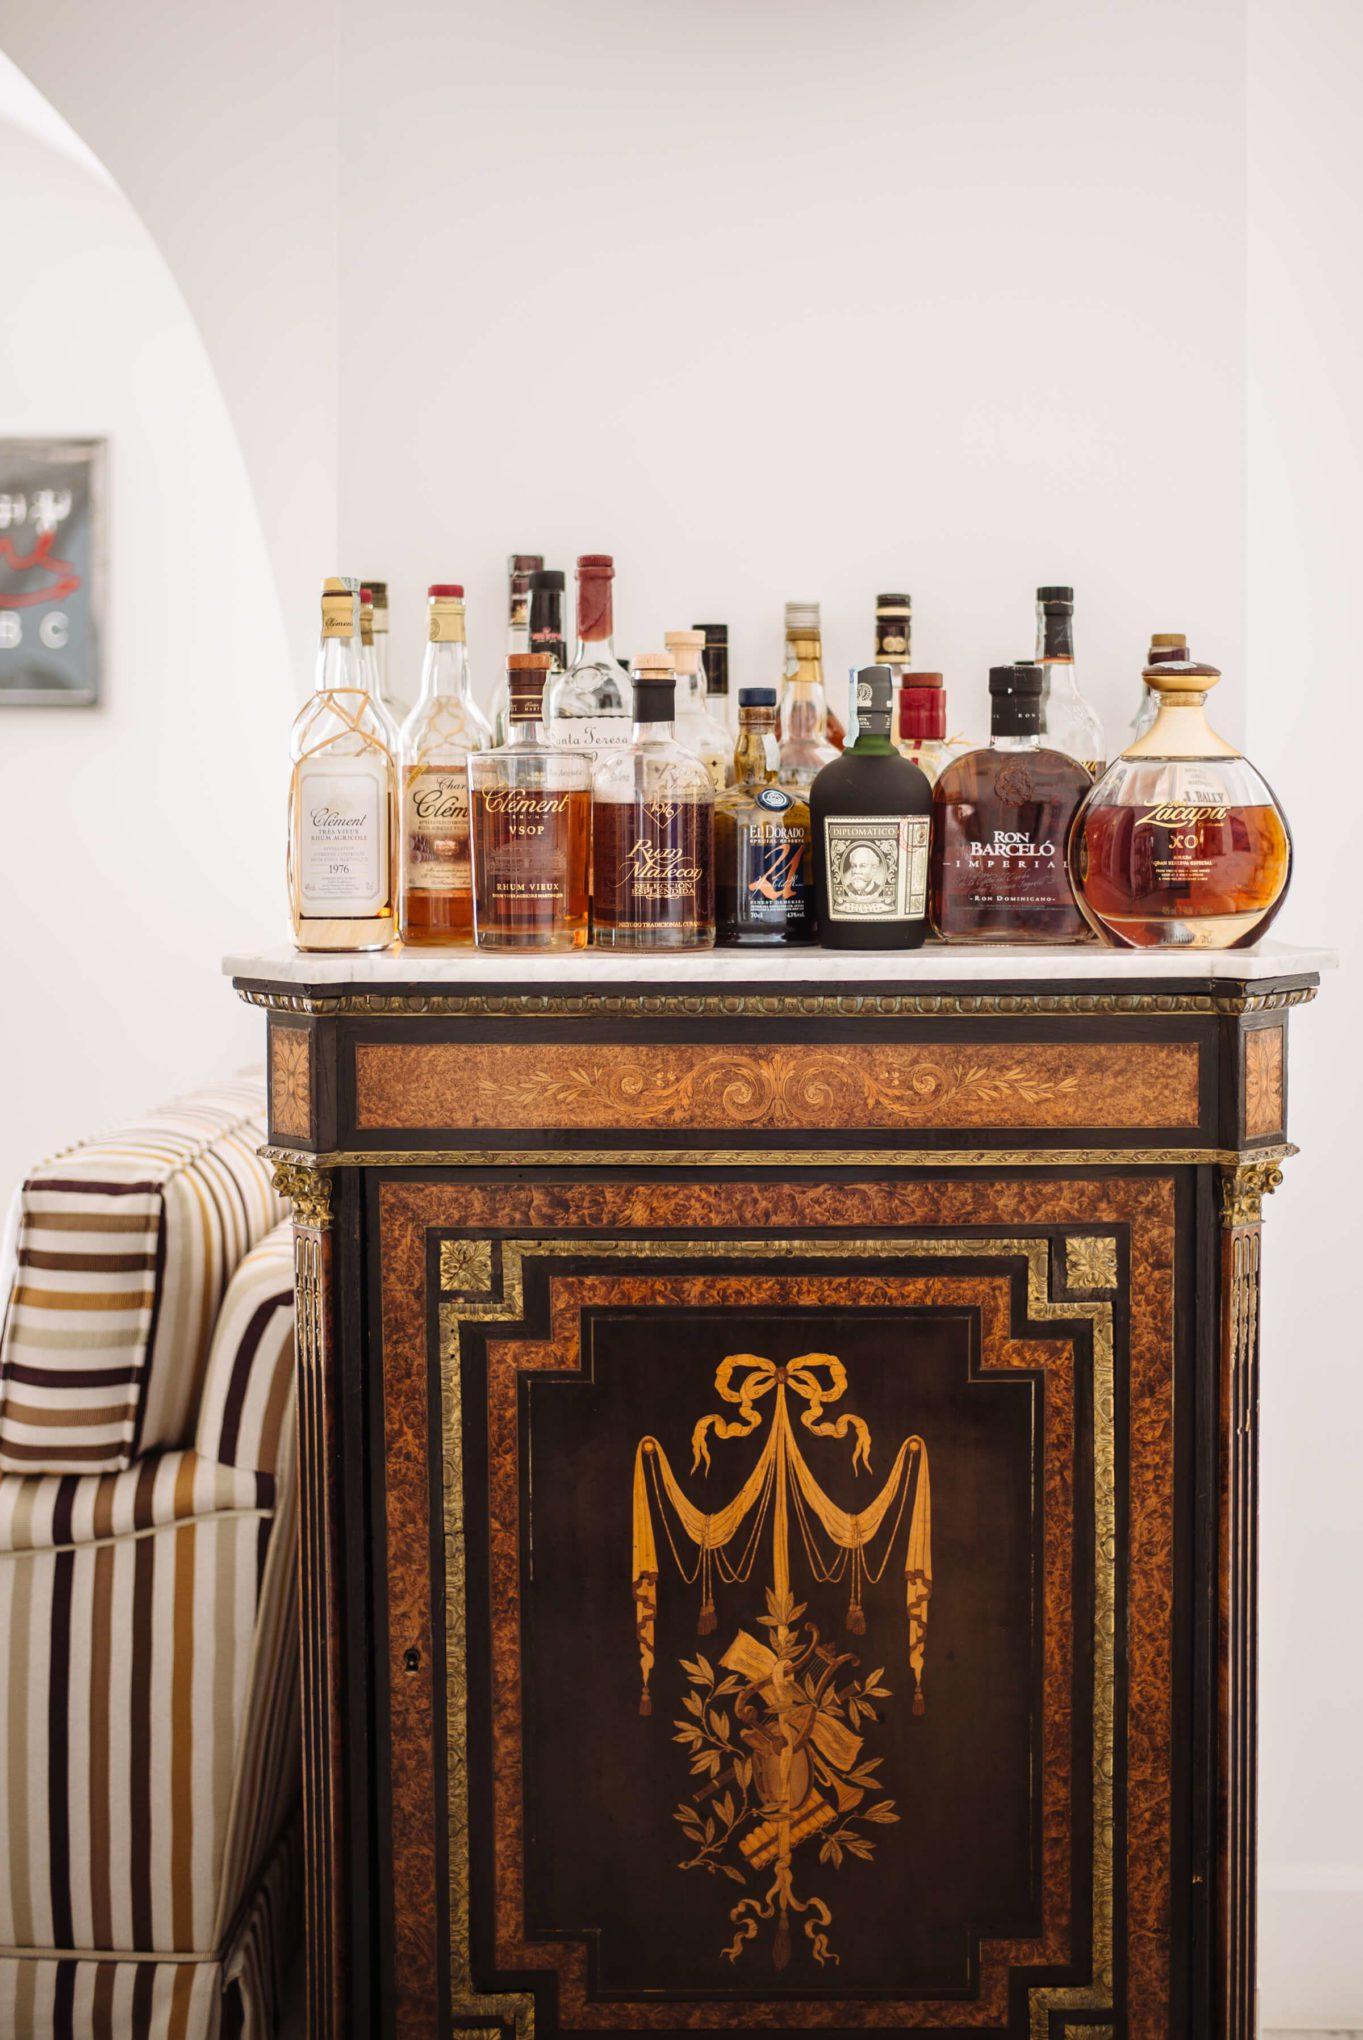 Liquor at Palazzo Avino, The Taste SF